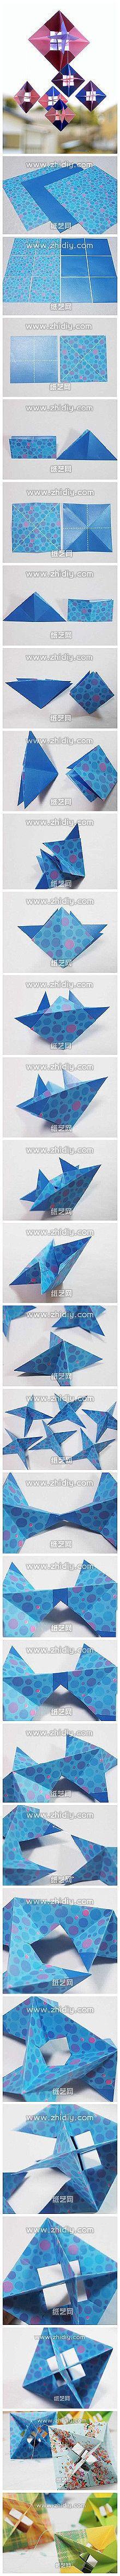 86 Melhores Imagens De Kusudama Diagram No Pinterest Modular Origami Diagrams Diy Embalagens Papel Dobradura Ceu Desenho Artesanato Em